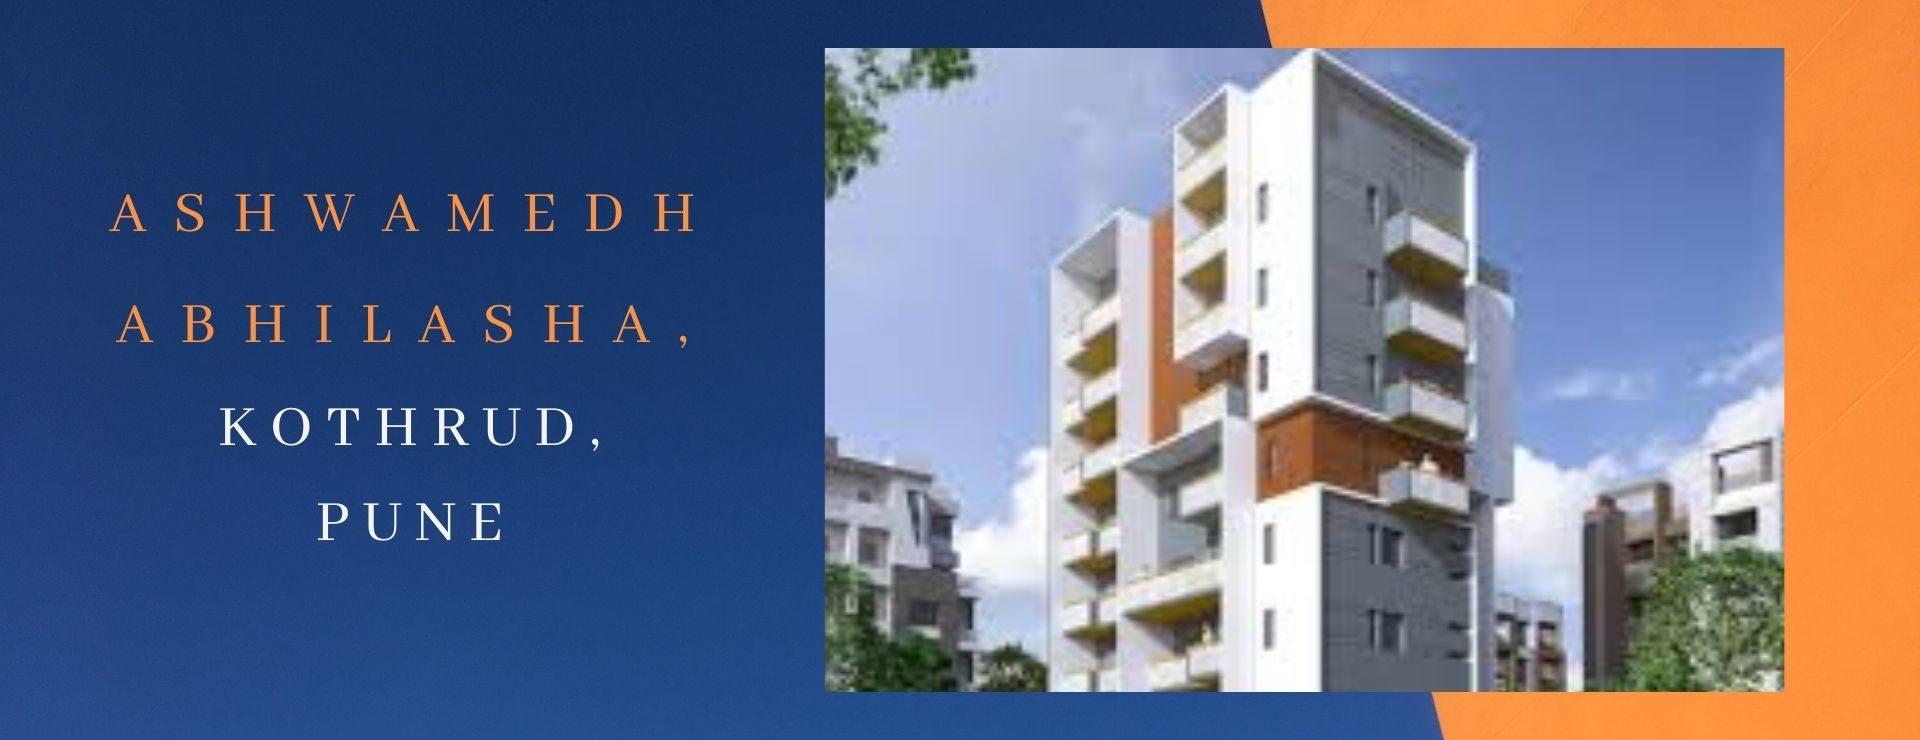 Ashwamedh Abhilasha,Kothrud-Pune